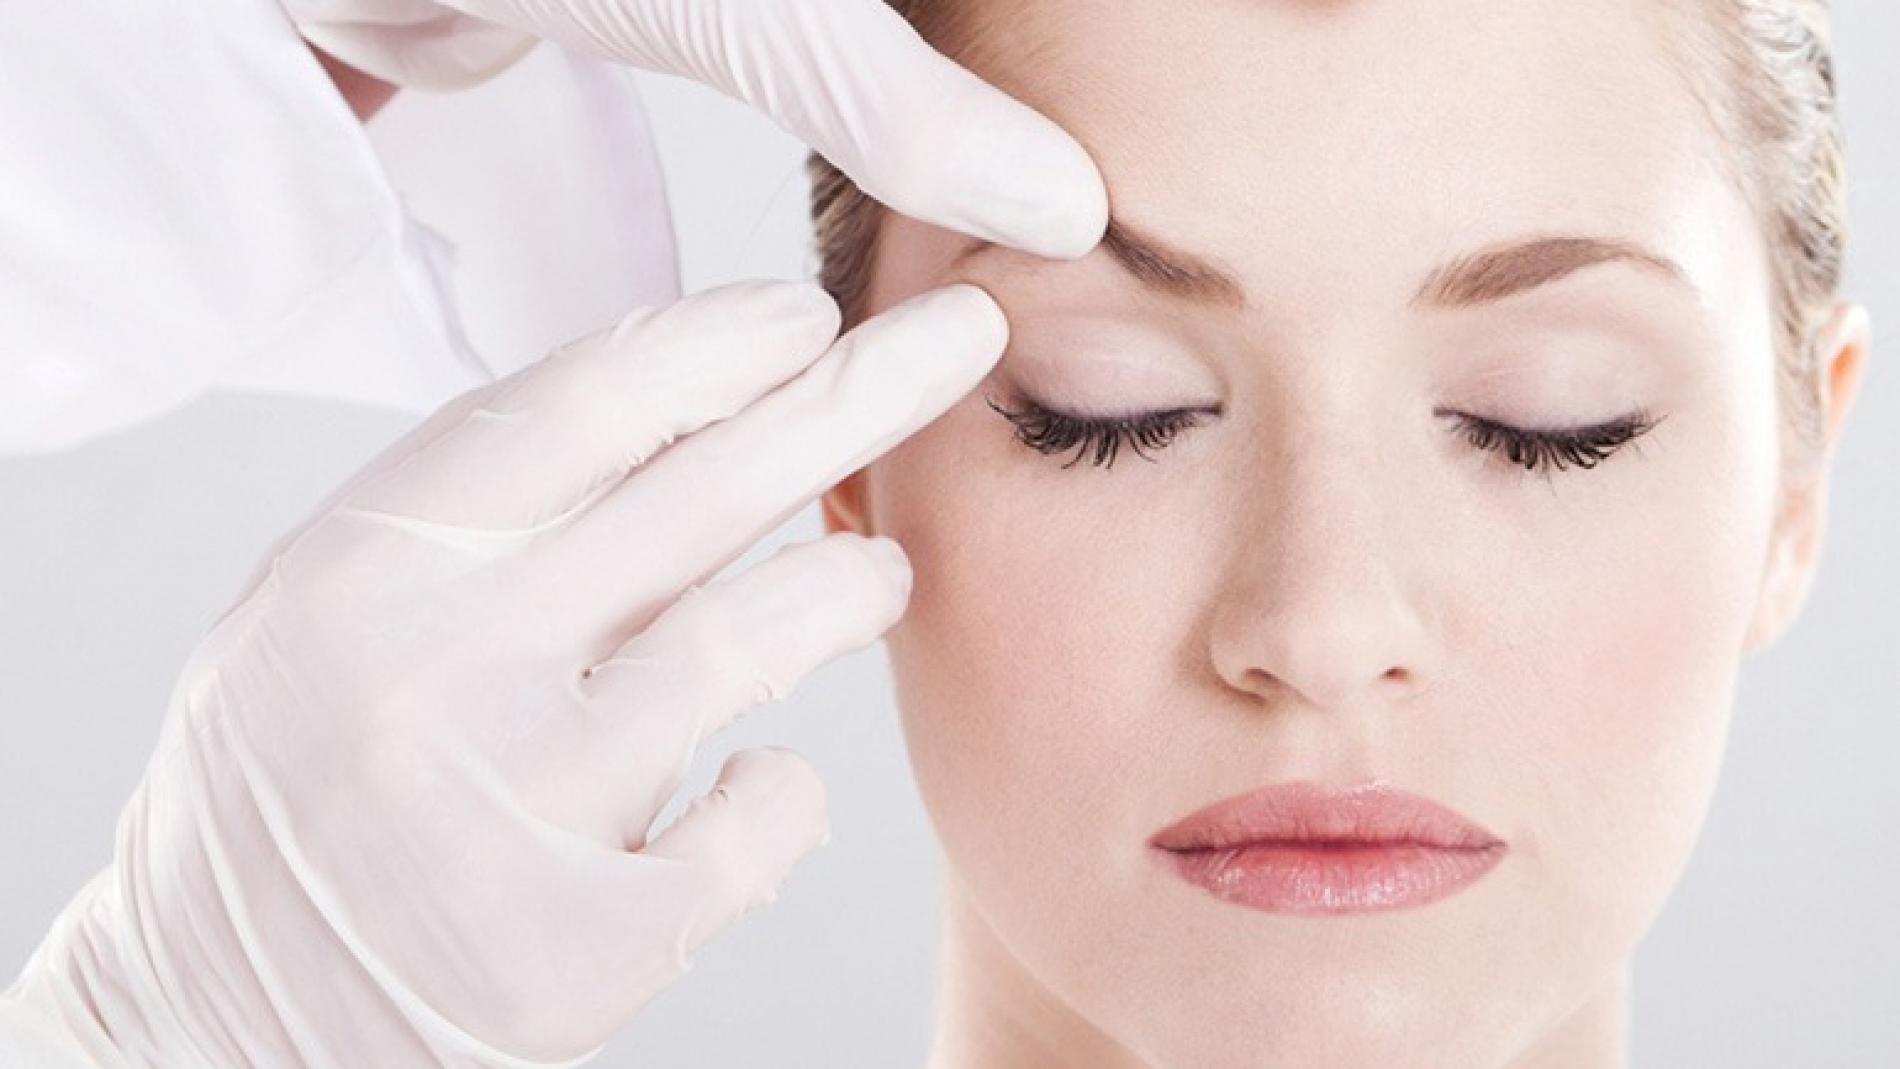 clinica de cirurgia plastica em santos - dra. ana lucia lemos - harmonizaçao facial